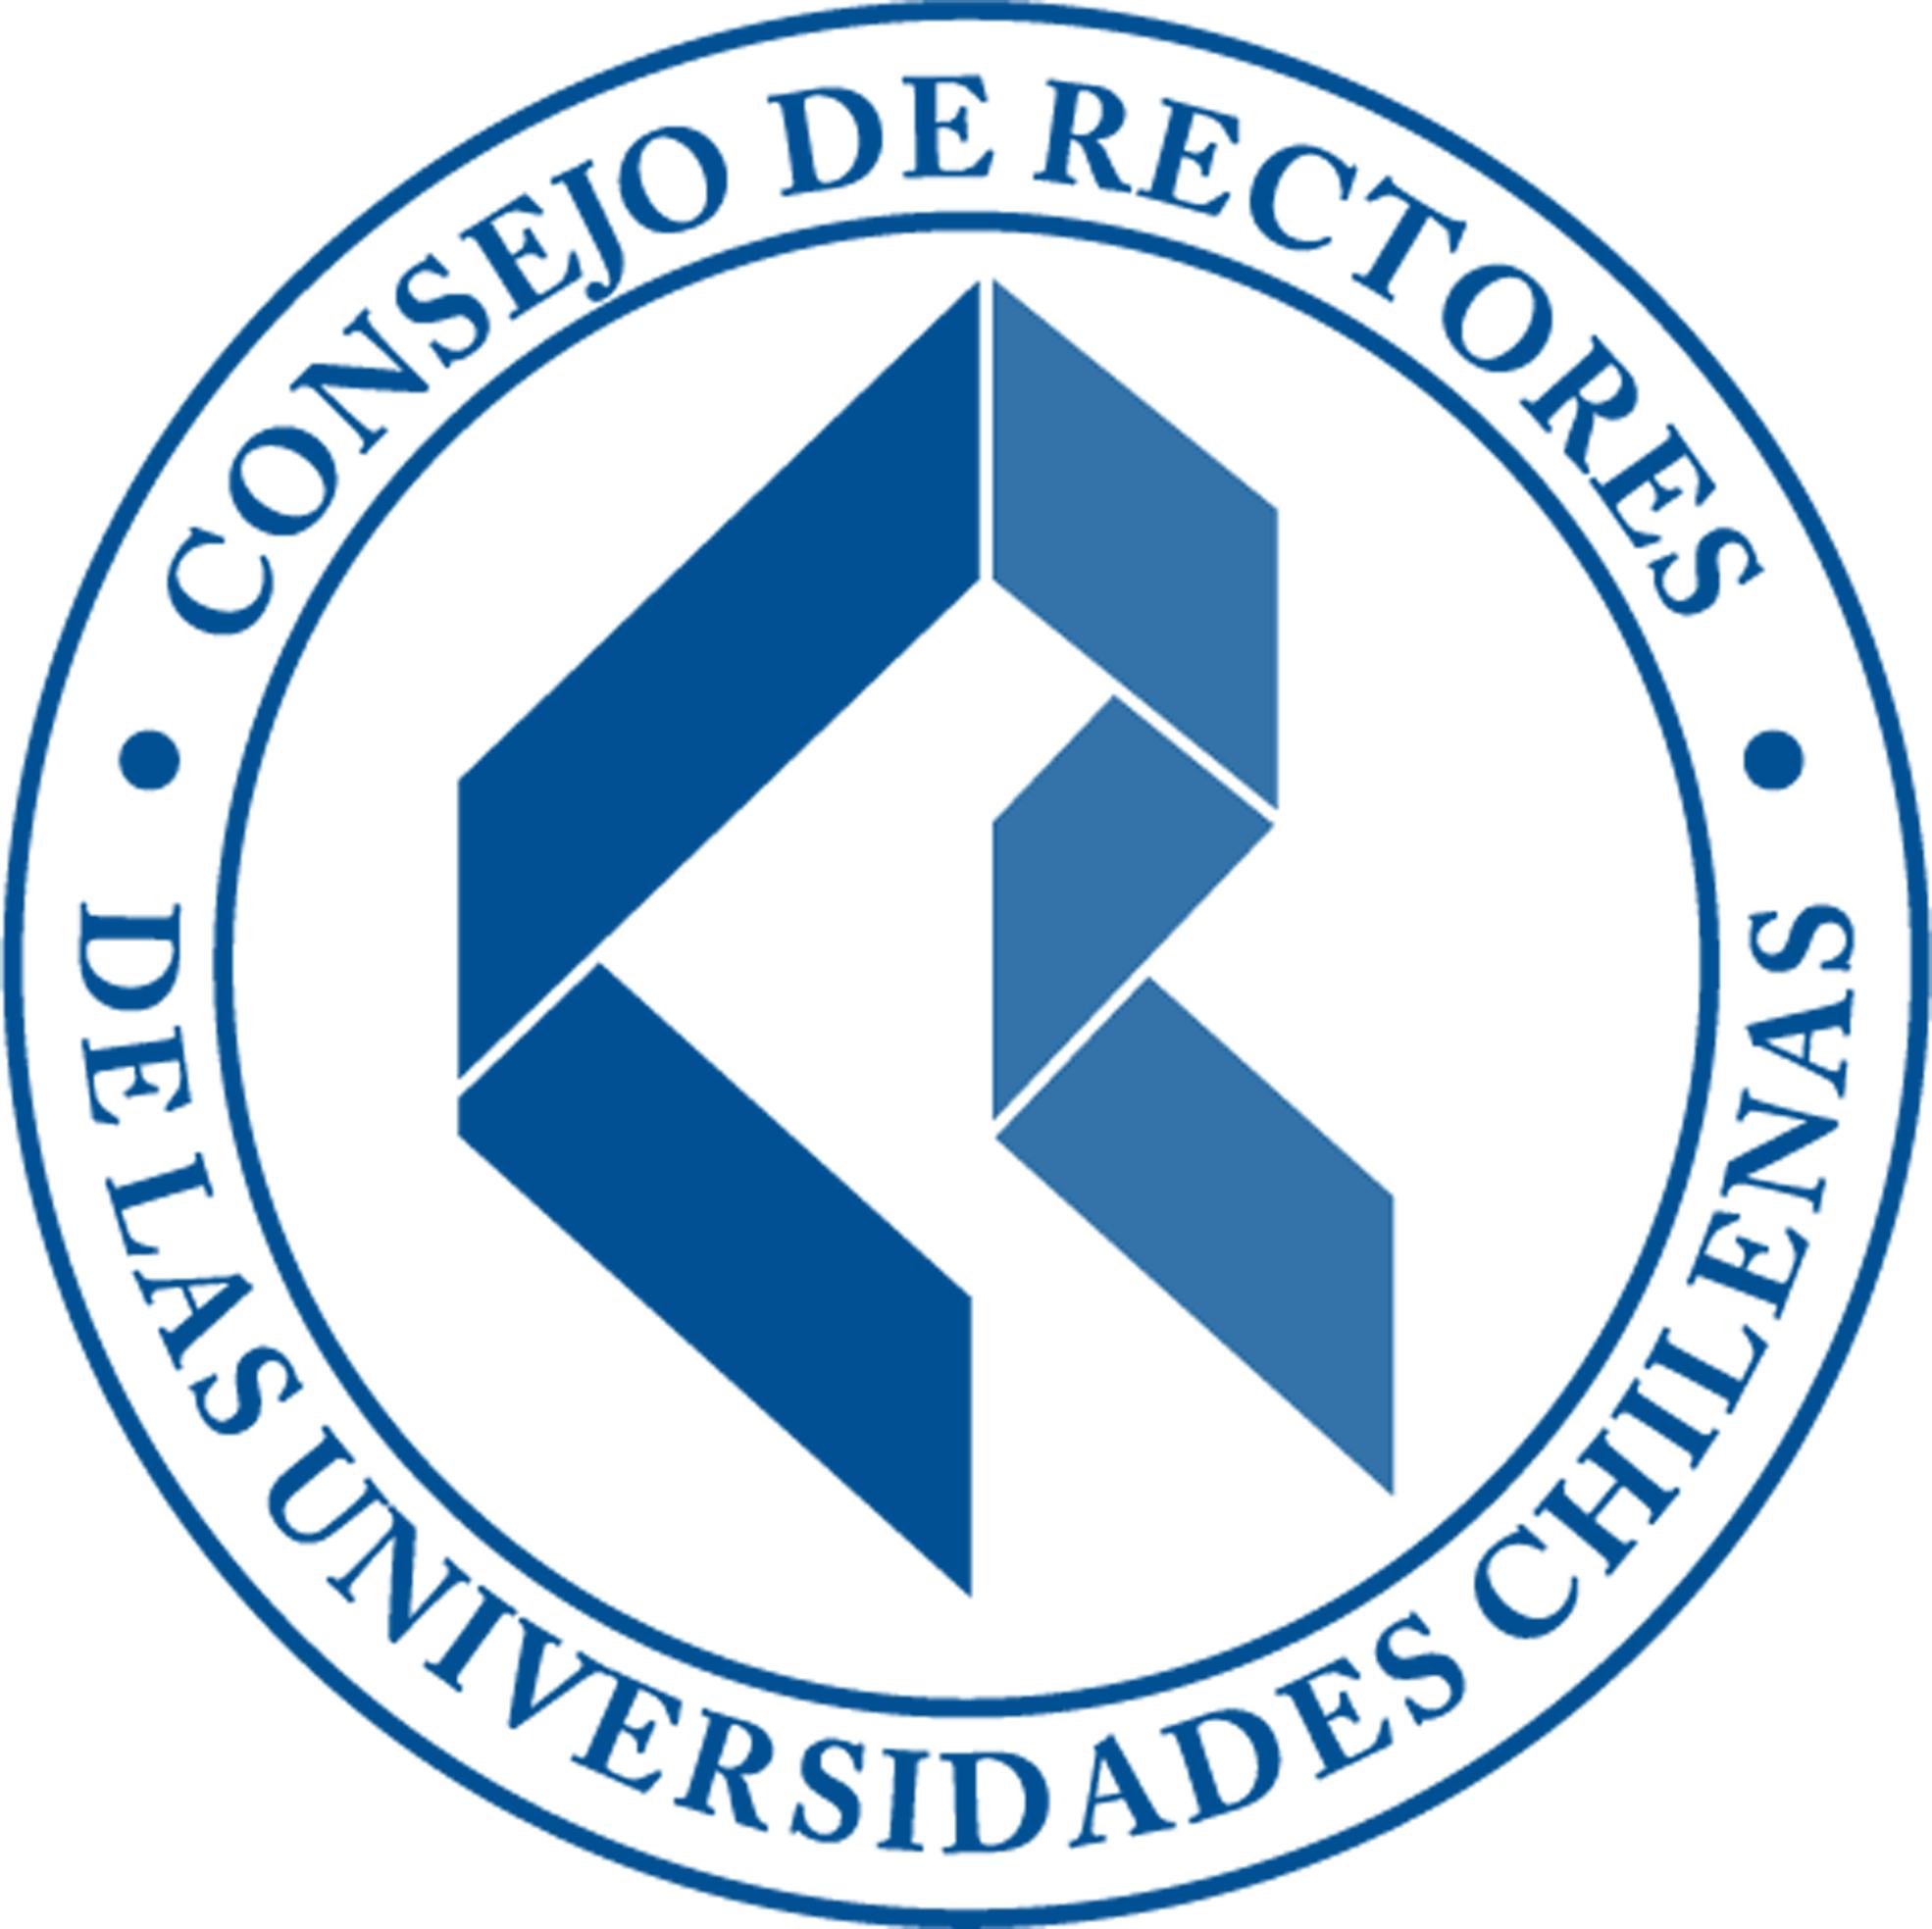 Consejo de Rectores reitera que solicitará la suspensión de regulación de aranceles en todas las instancias que corresponda